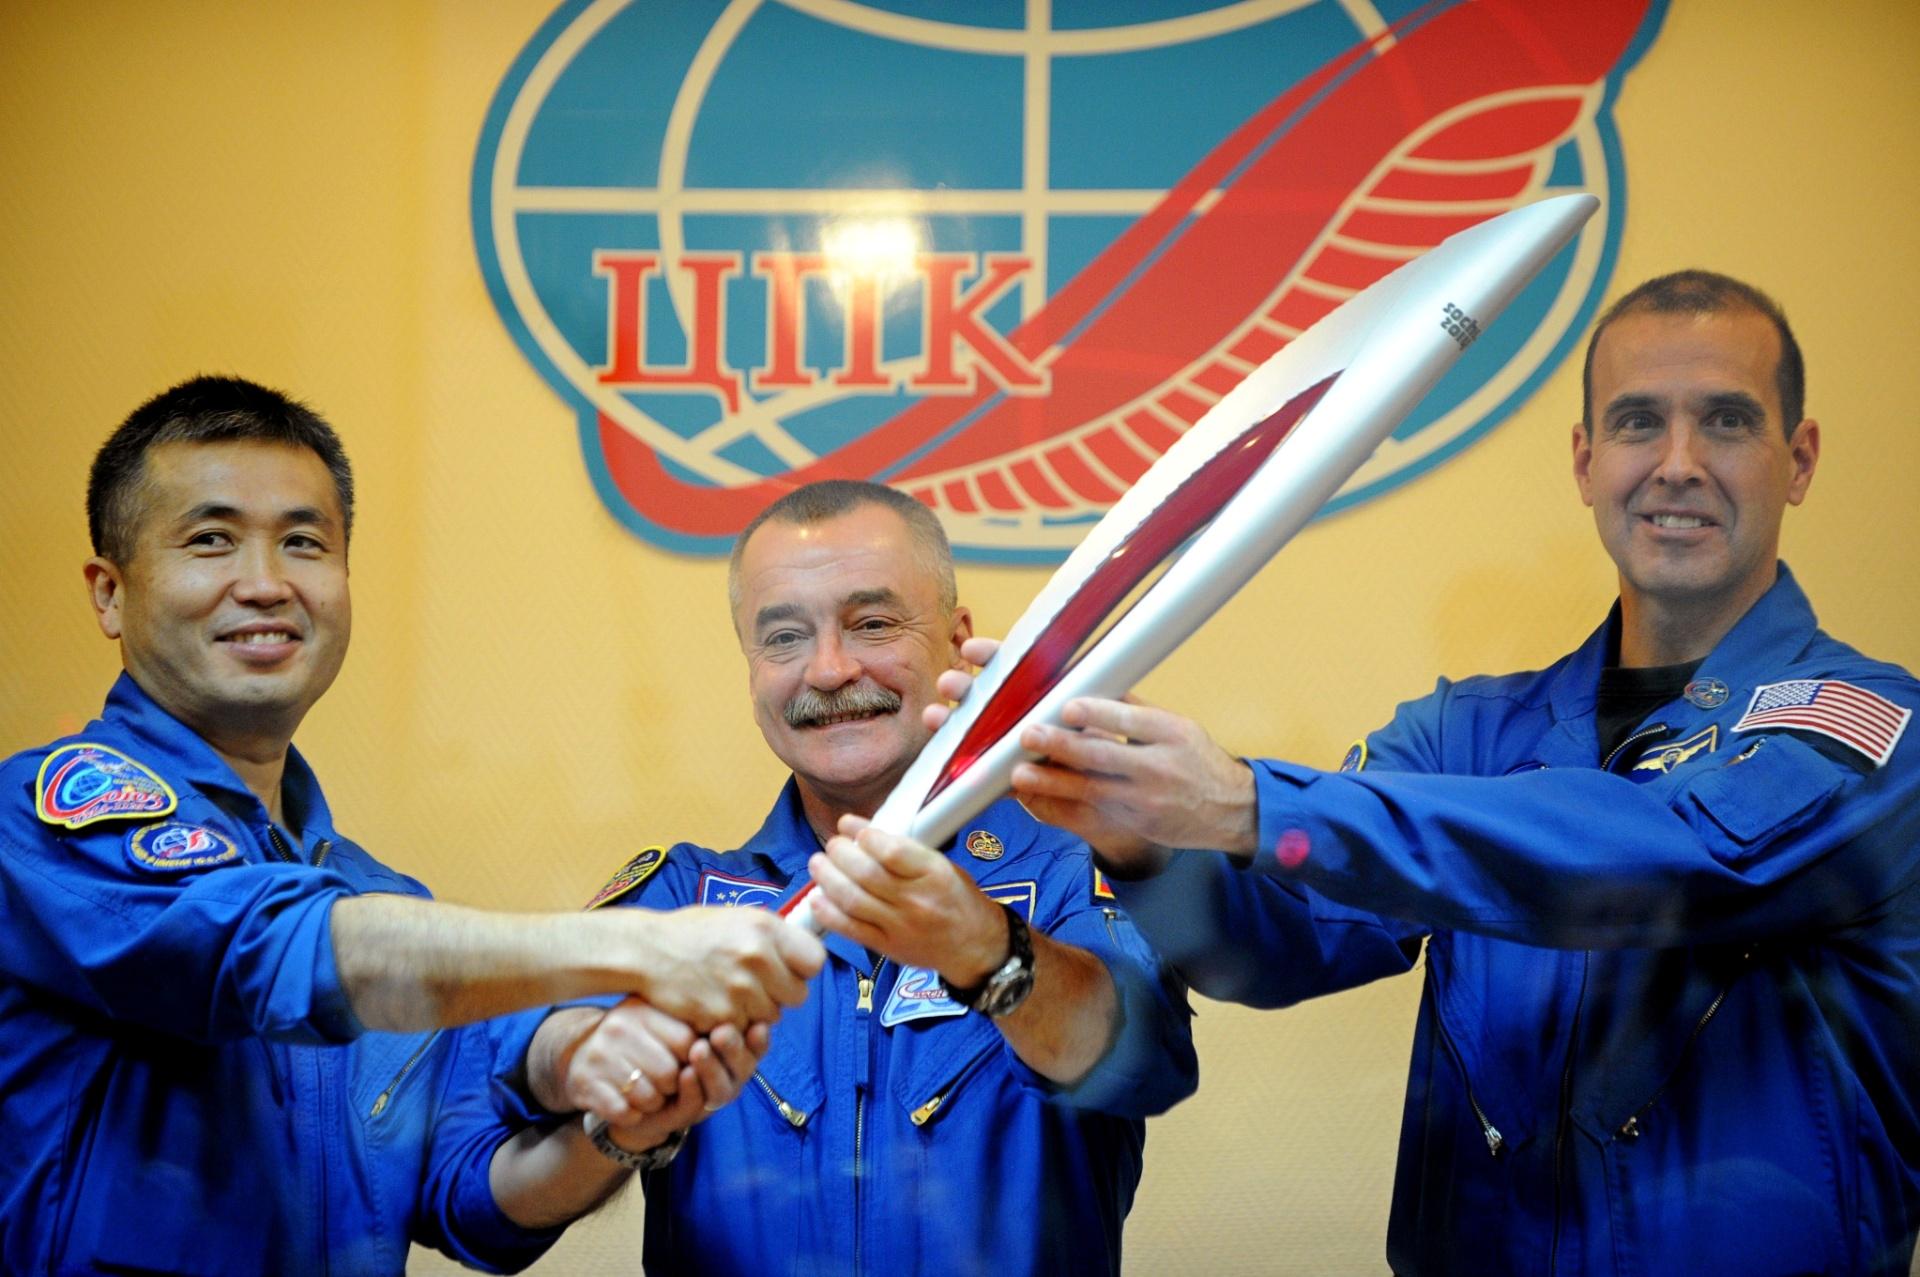 6.nov.2013 - Os novos tripulantes da Estação Espacial Internacional (ISS), o japonês Koichi Wakata, o russo Mikhail Tyurin, e norte-americano Rick Mastracchio posam com a tocha das olimpíadas de inverno de 2014, que será realizada em Sochi (Rússia) em fevereiro deste ano, no centro espacial de Baikonur, no Cazaquistão. A nave Soyuz levará a bordo, além da tripulação, a tocha apagada. Ela está programada para retornar à Terra em 11 de novembro